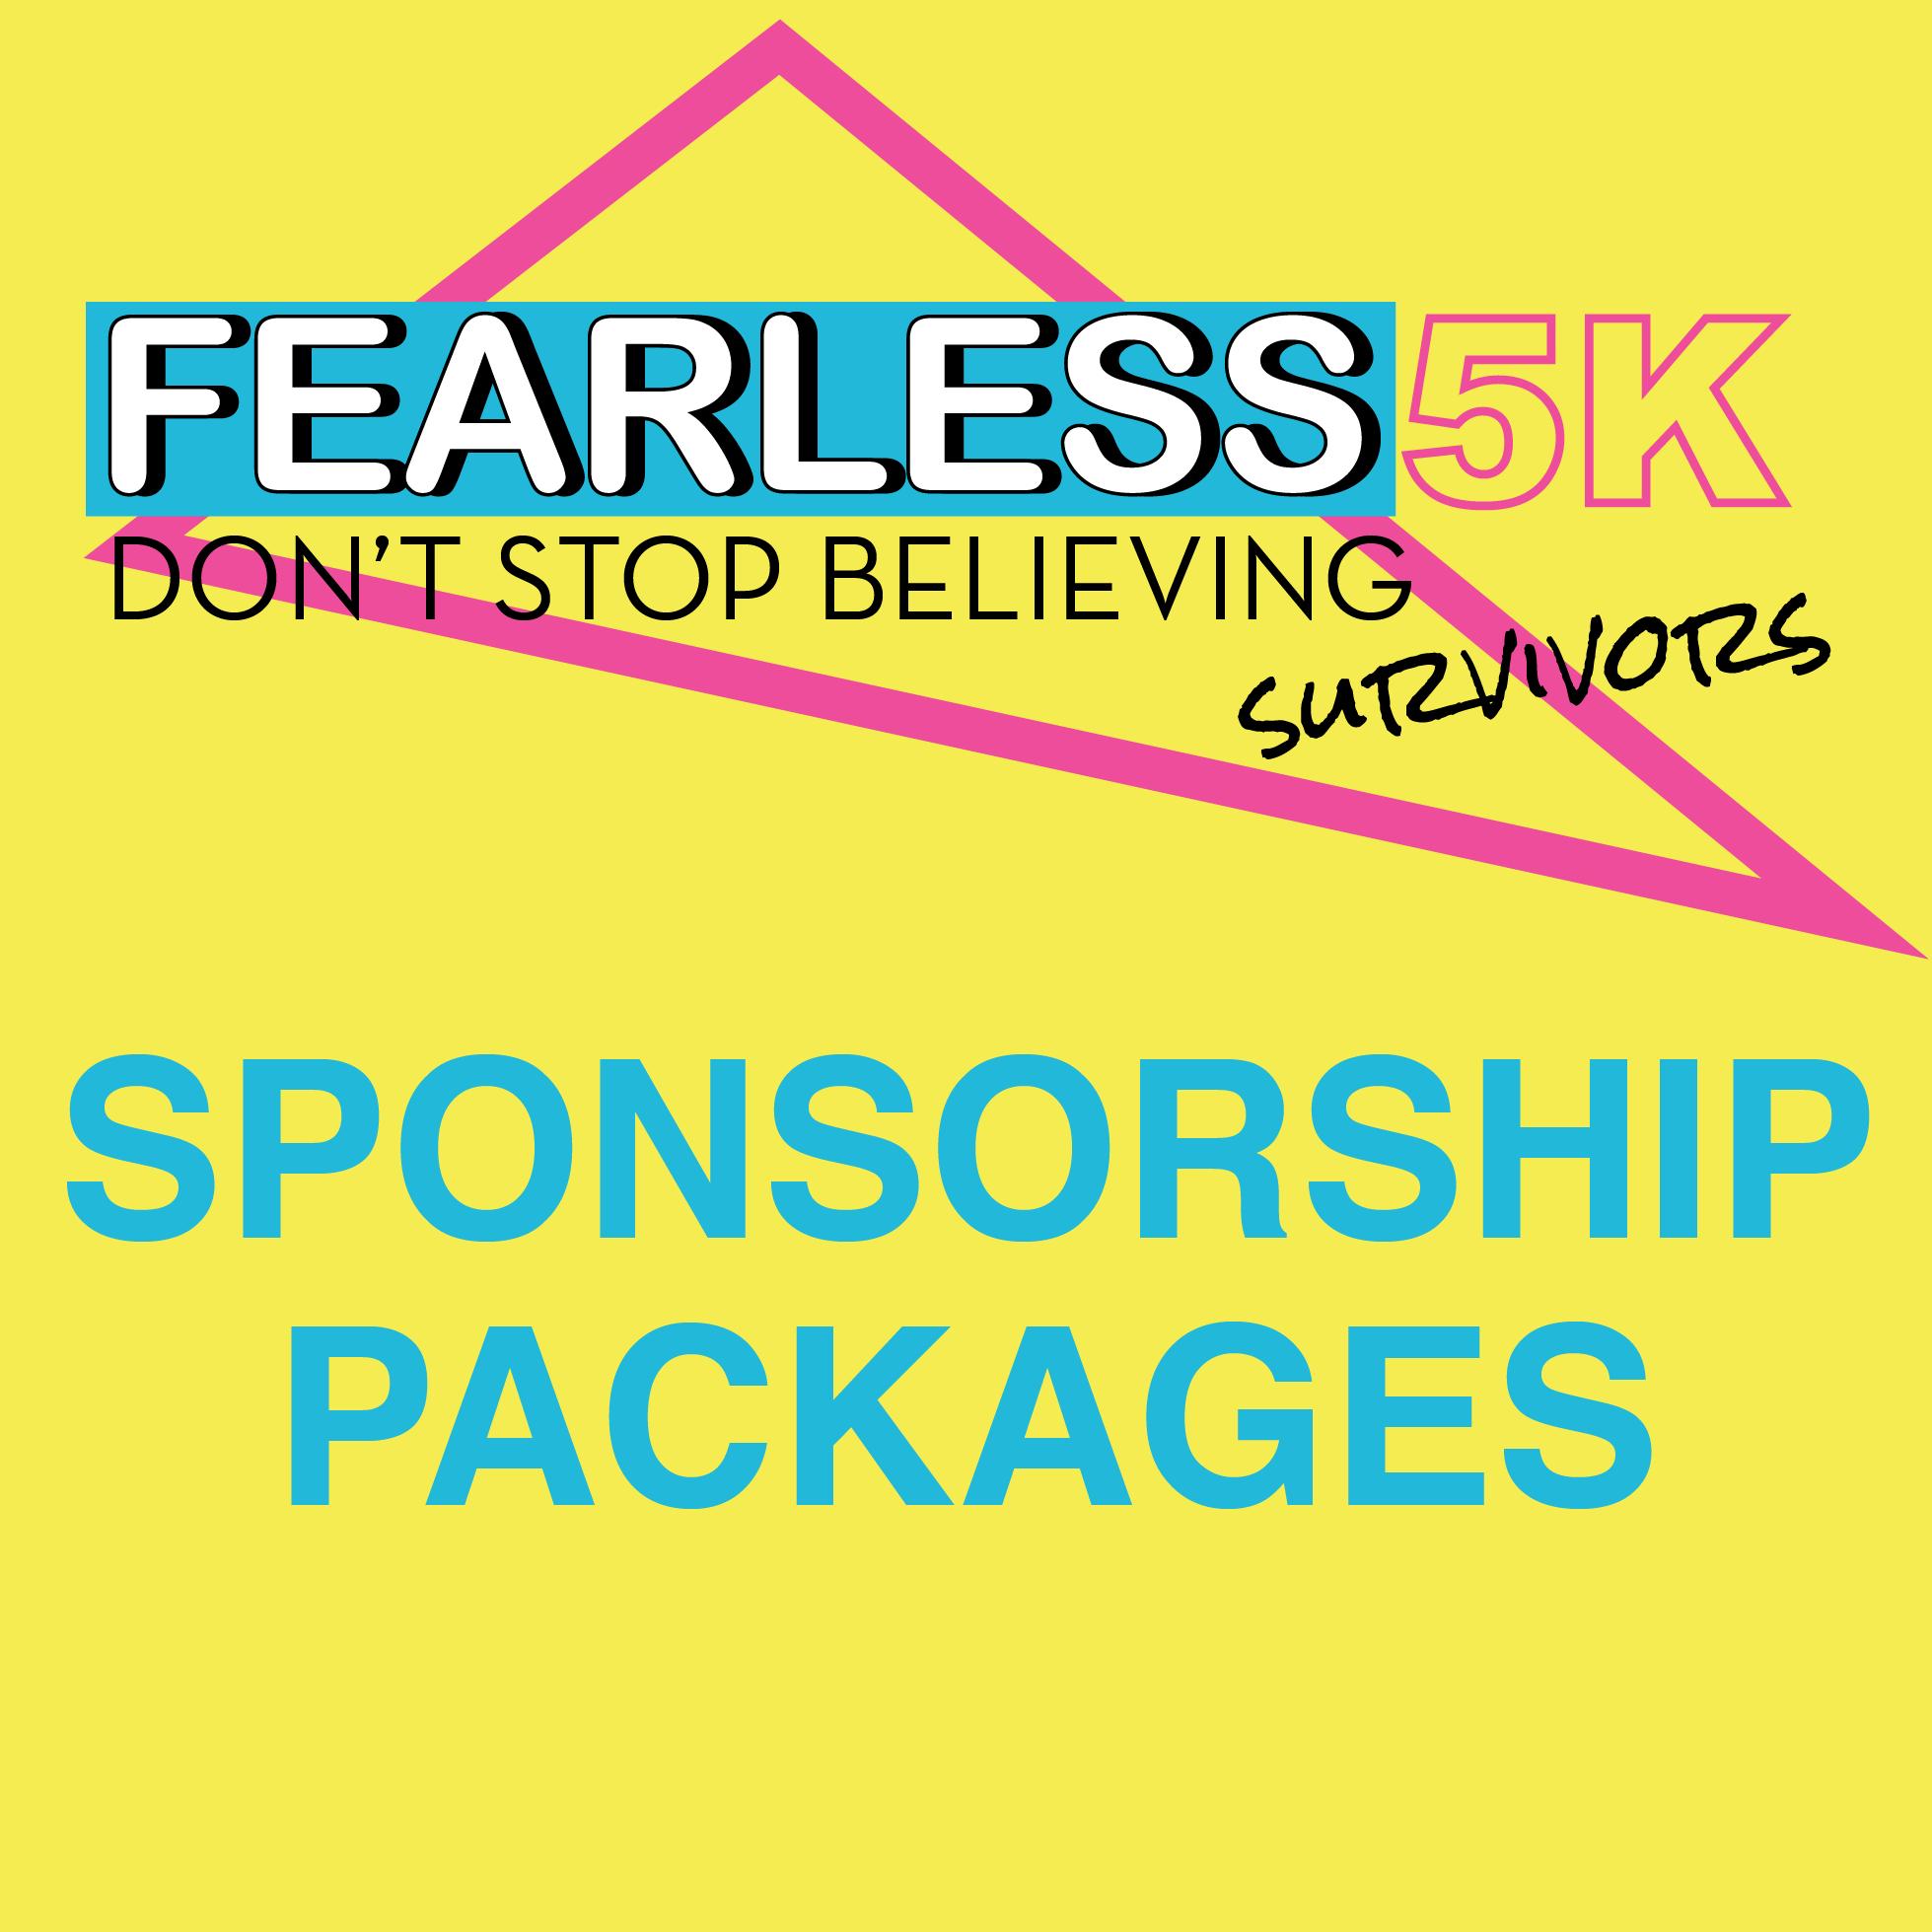 sponsorship-01.png